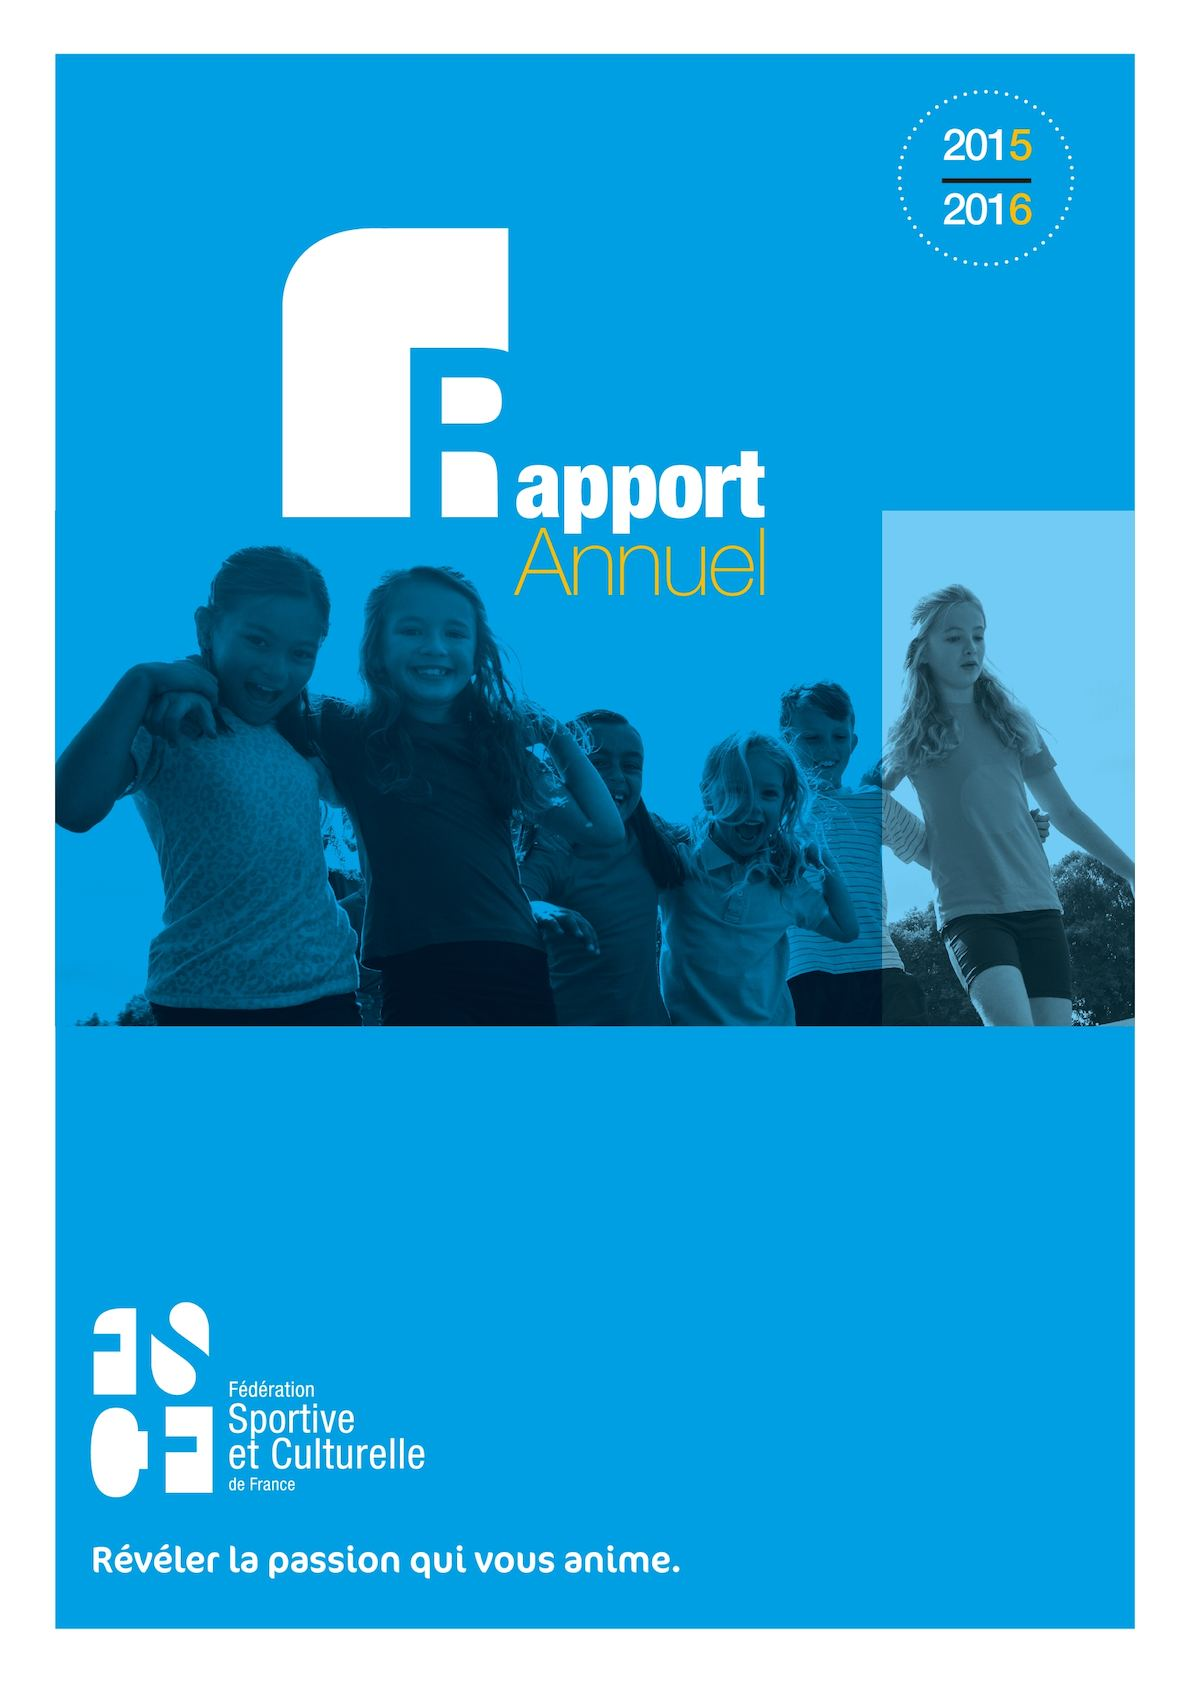 Calaméo - Fscf Rapport Activité 2016 03cff7cab29